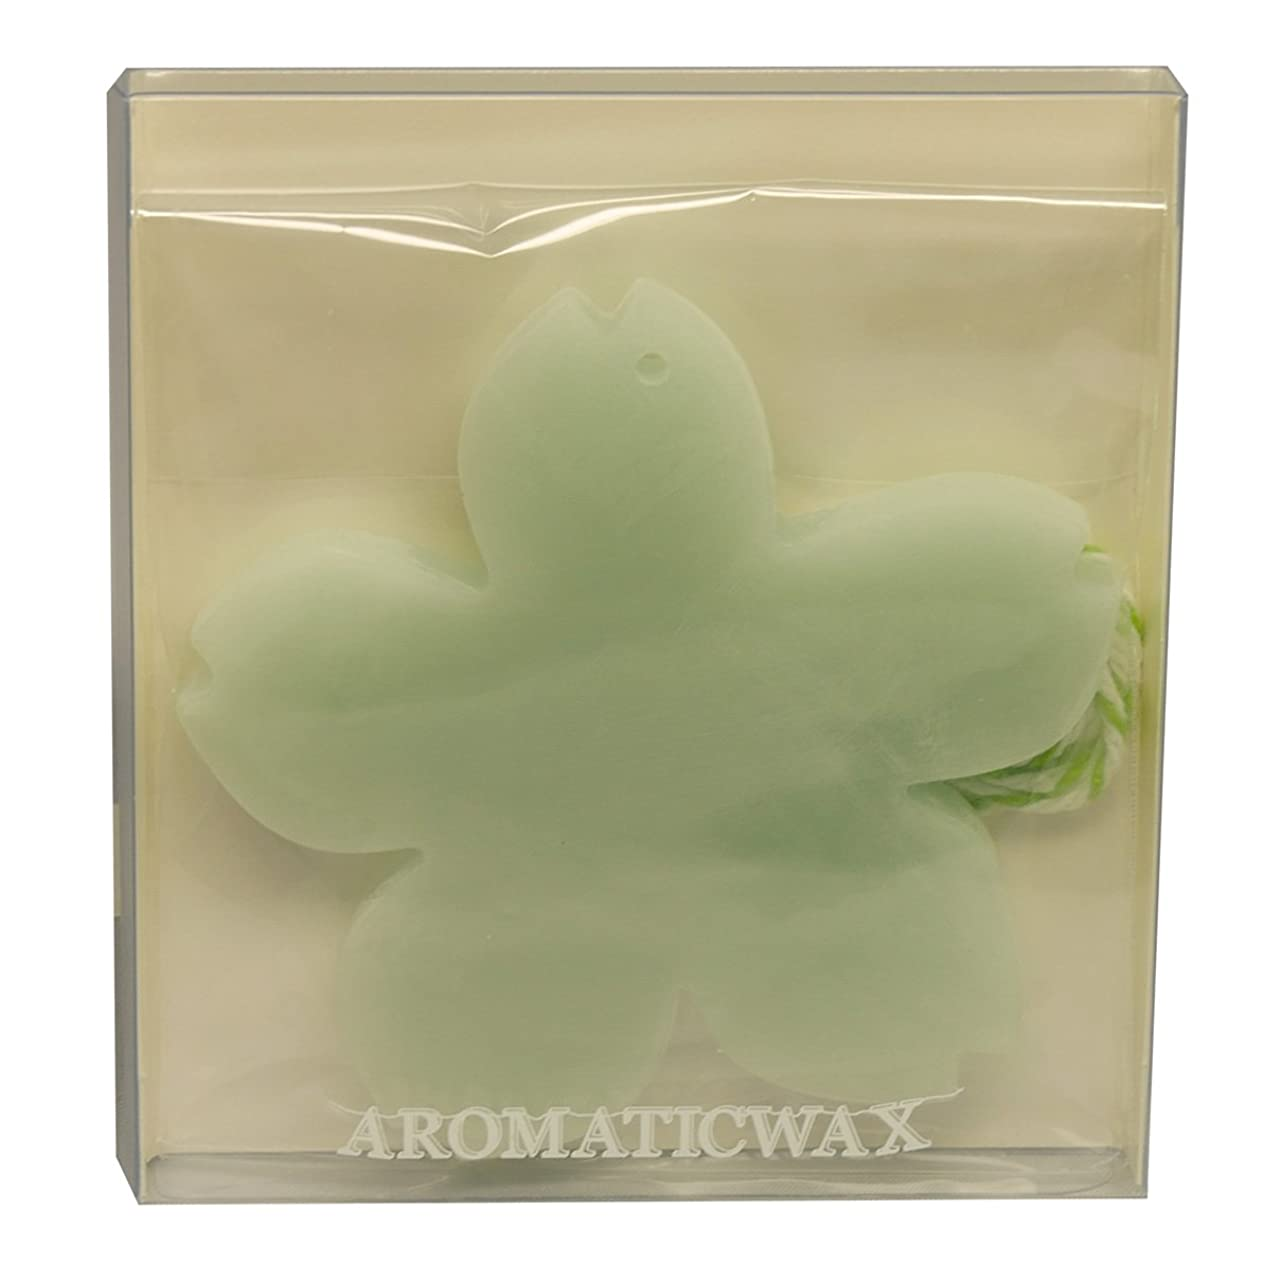 ナサニエル区お客様電報GRASSE TOKYO AROMATICWAXチャーム「さくら」(GR) レモングラス アロマティックワックス グラーストウキョウ